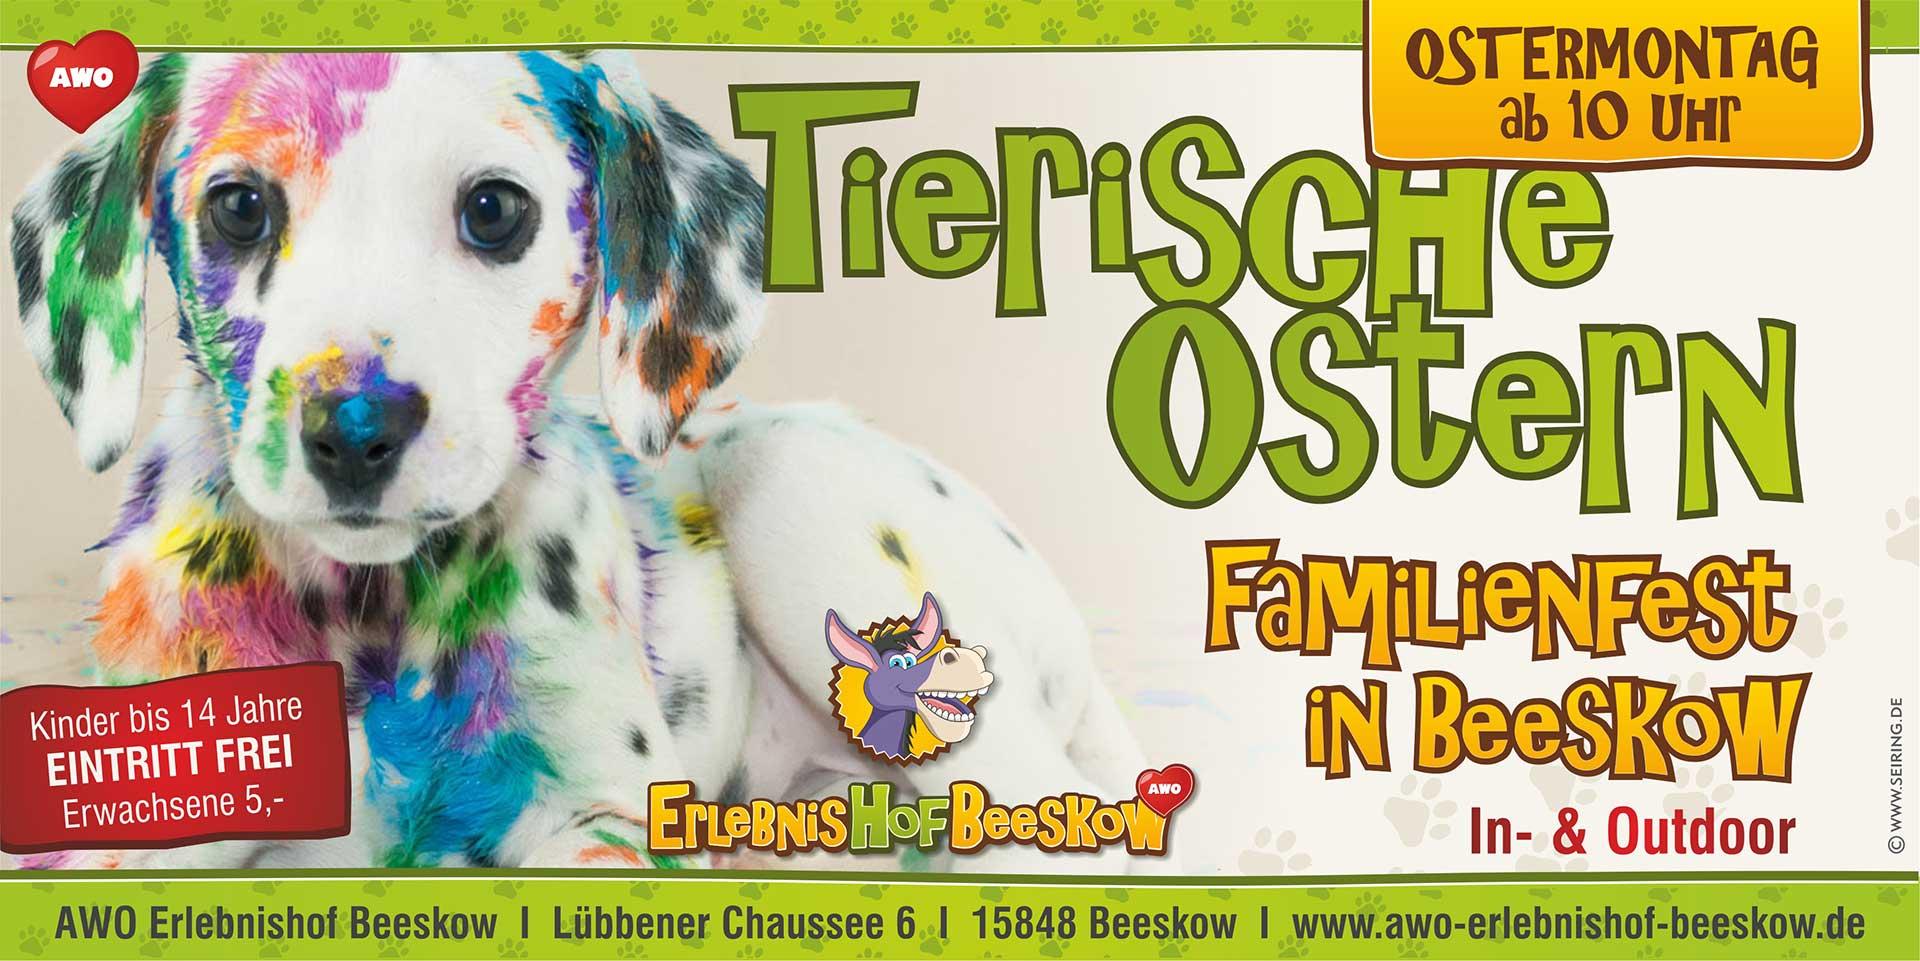 tierische-ostern-beeskow-Bild Veranstaltungen - Tierschutzliga Dorf